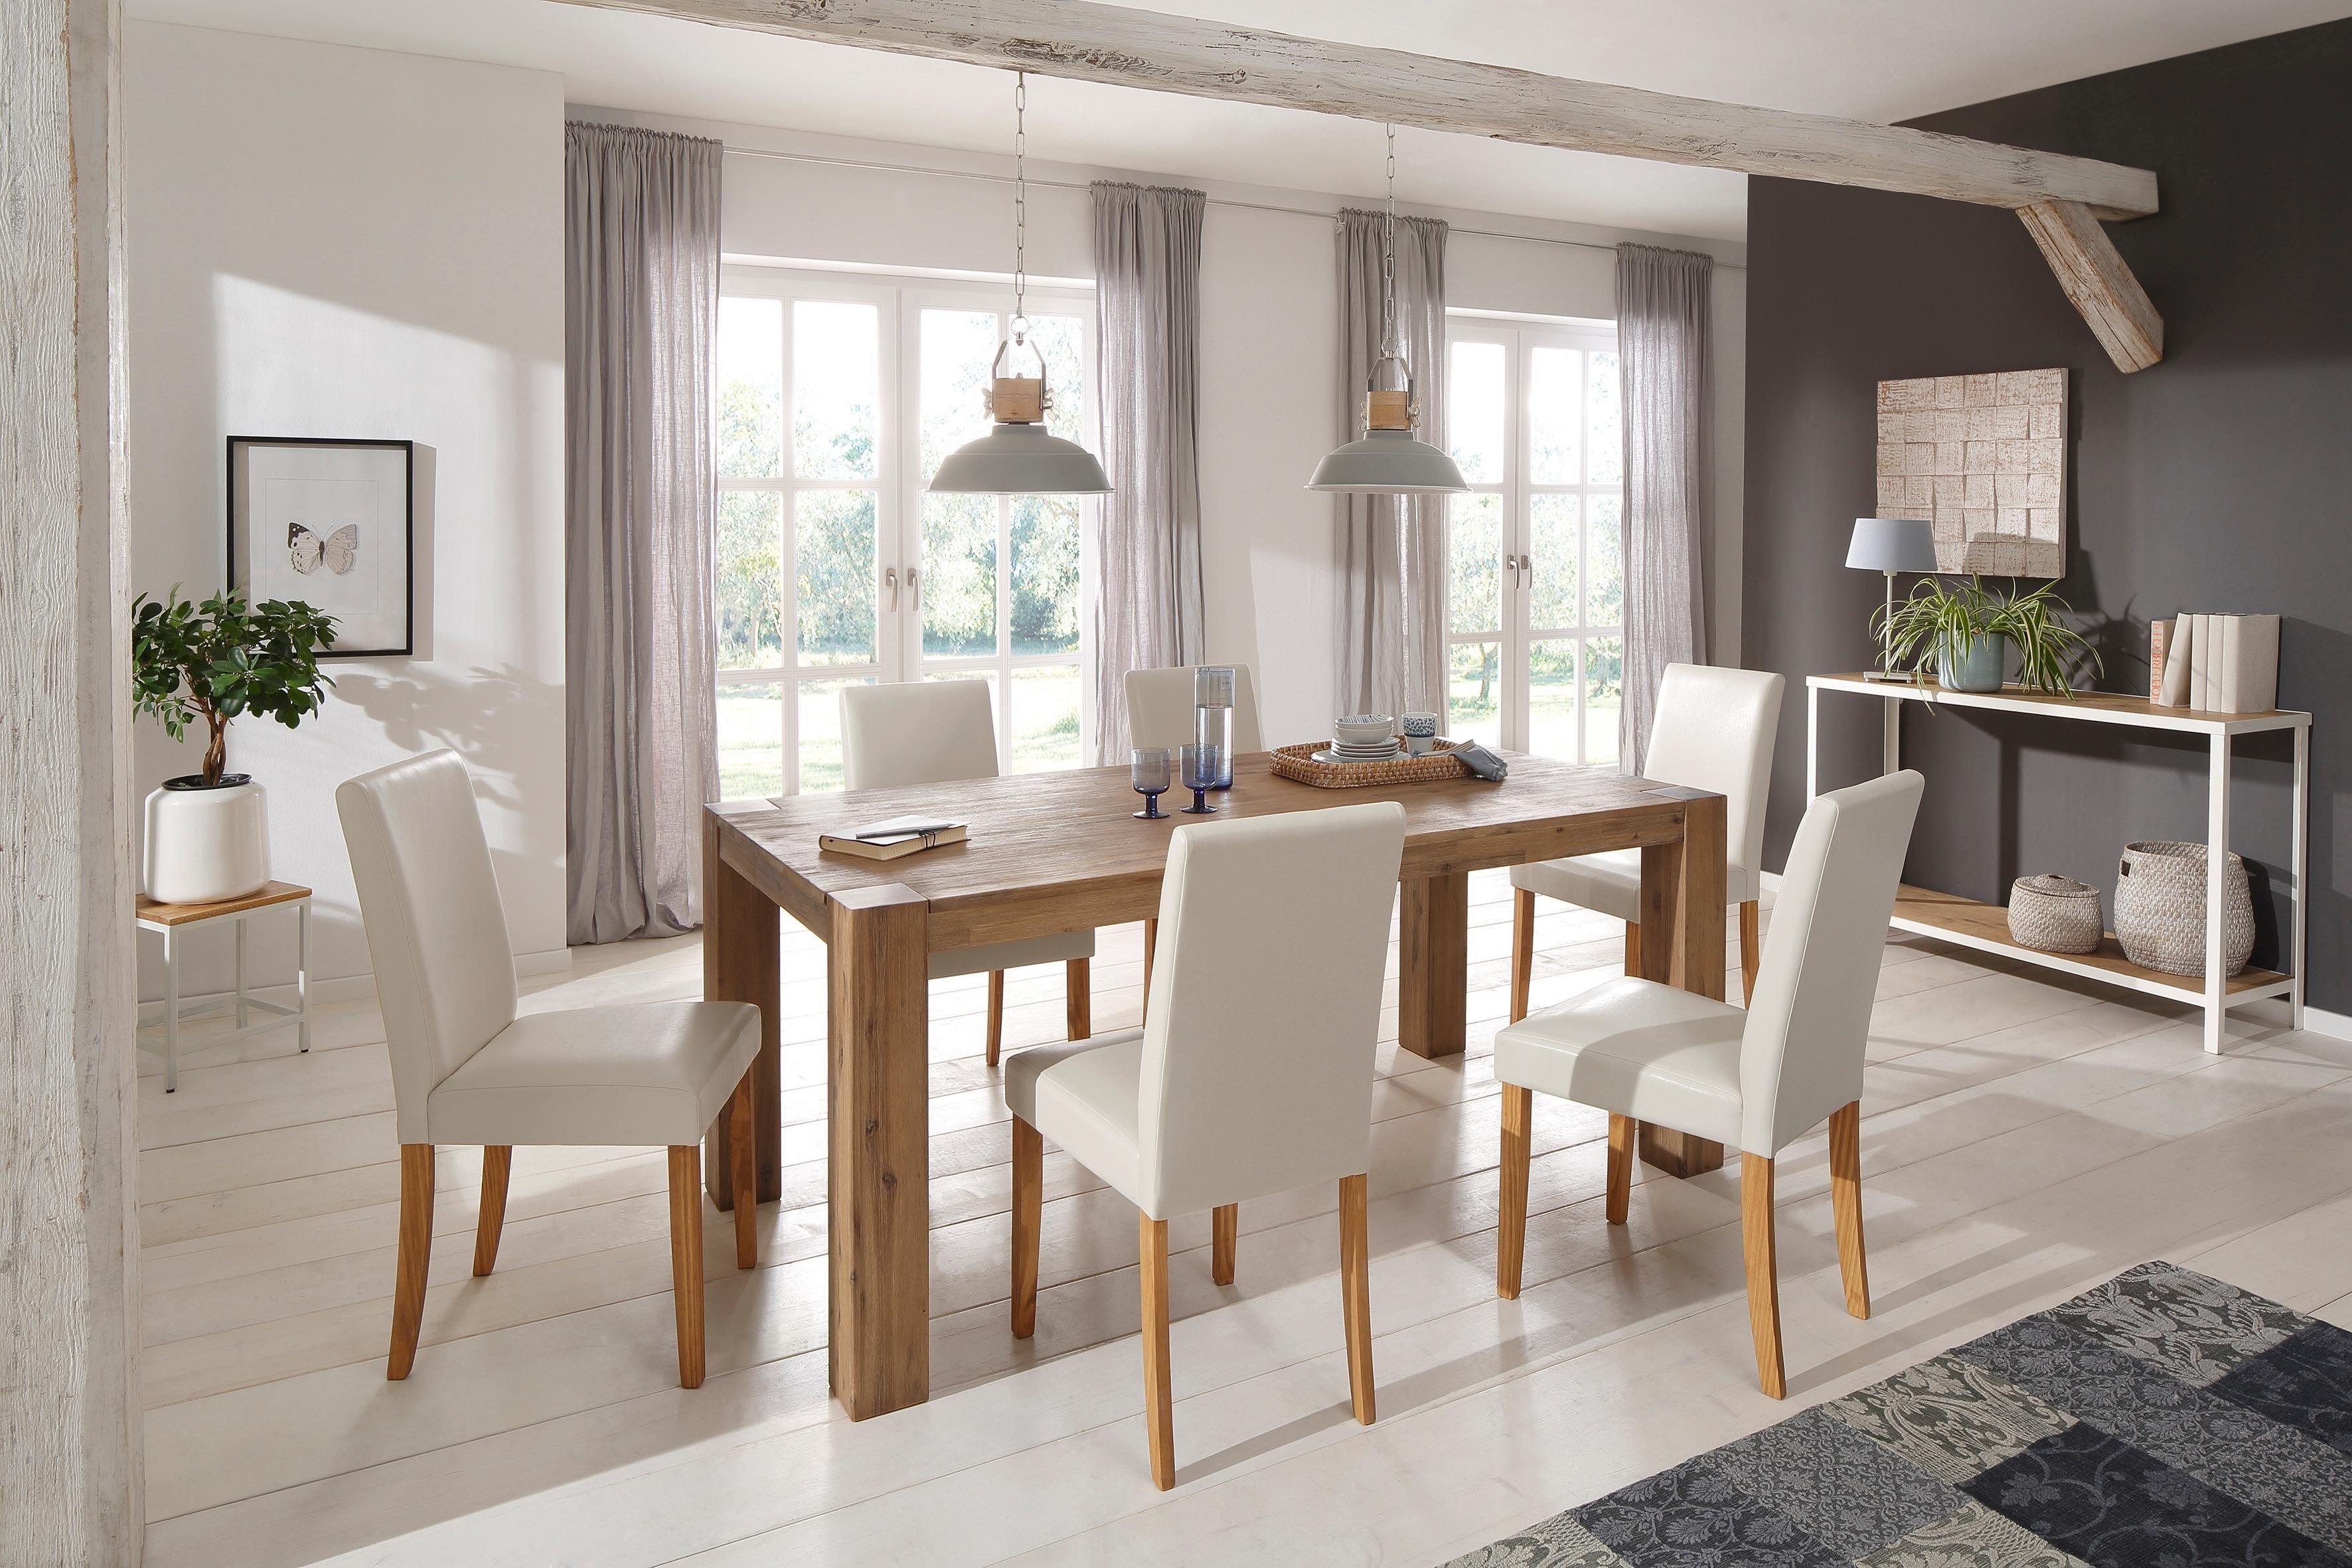 emeco Esszimmerstühle online kaufen